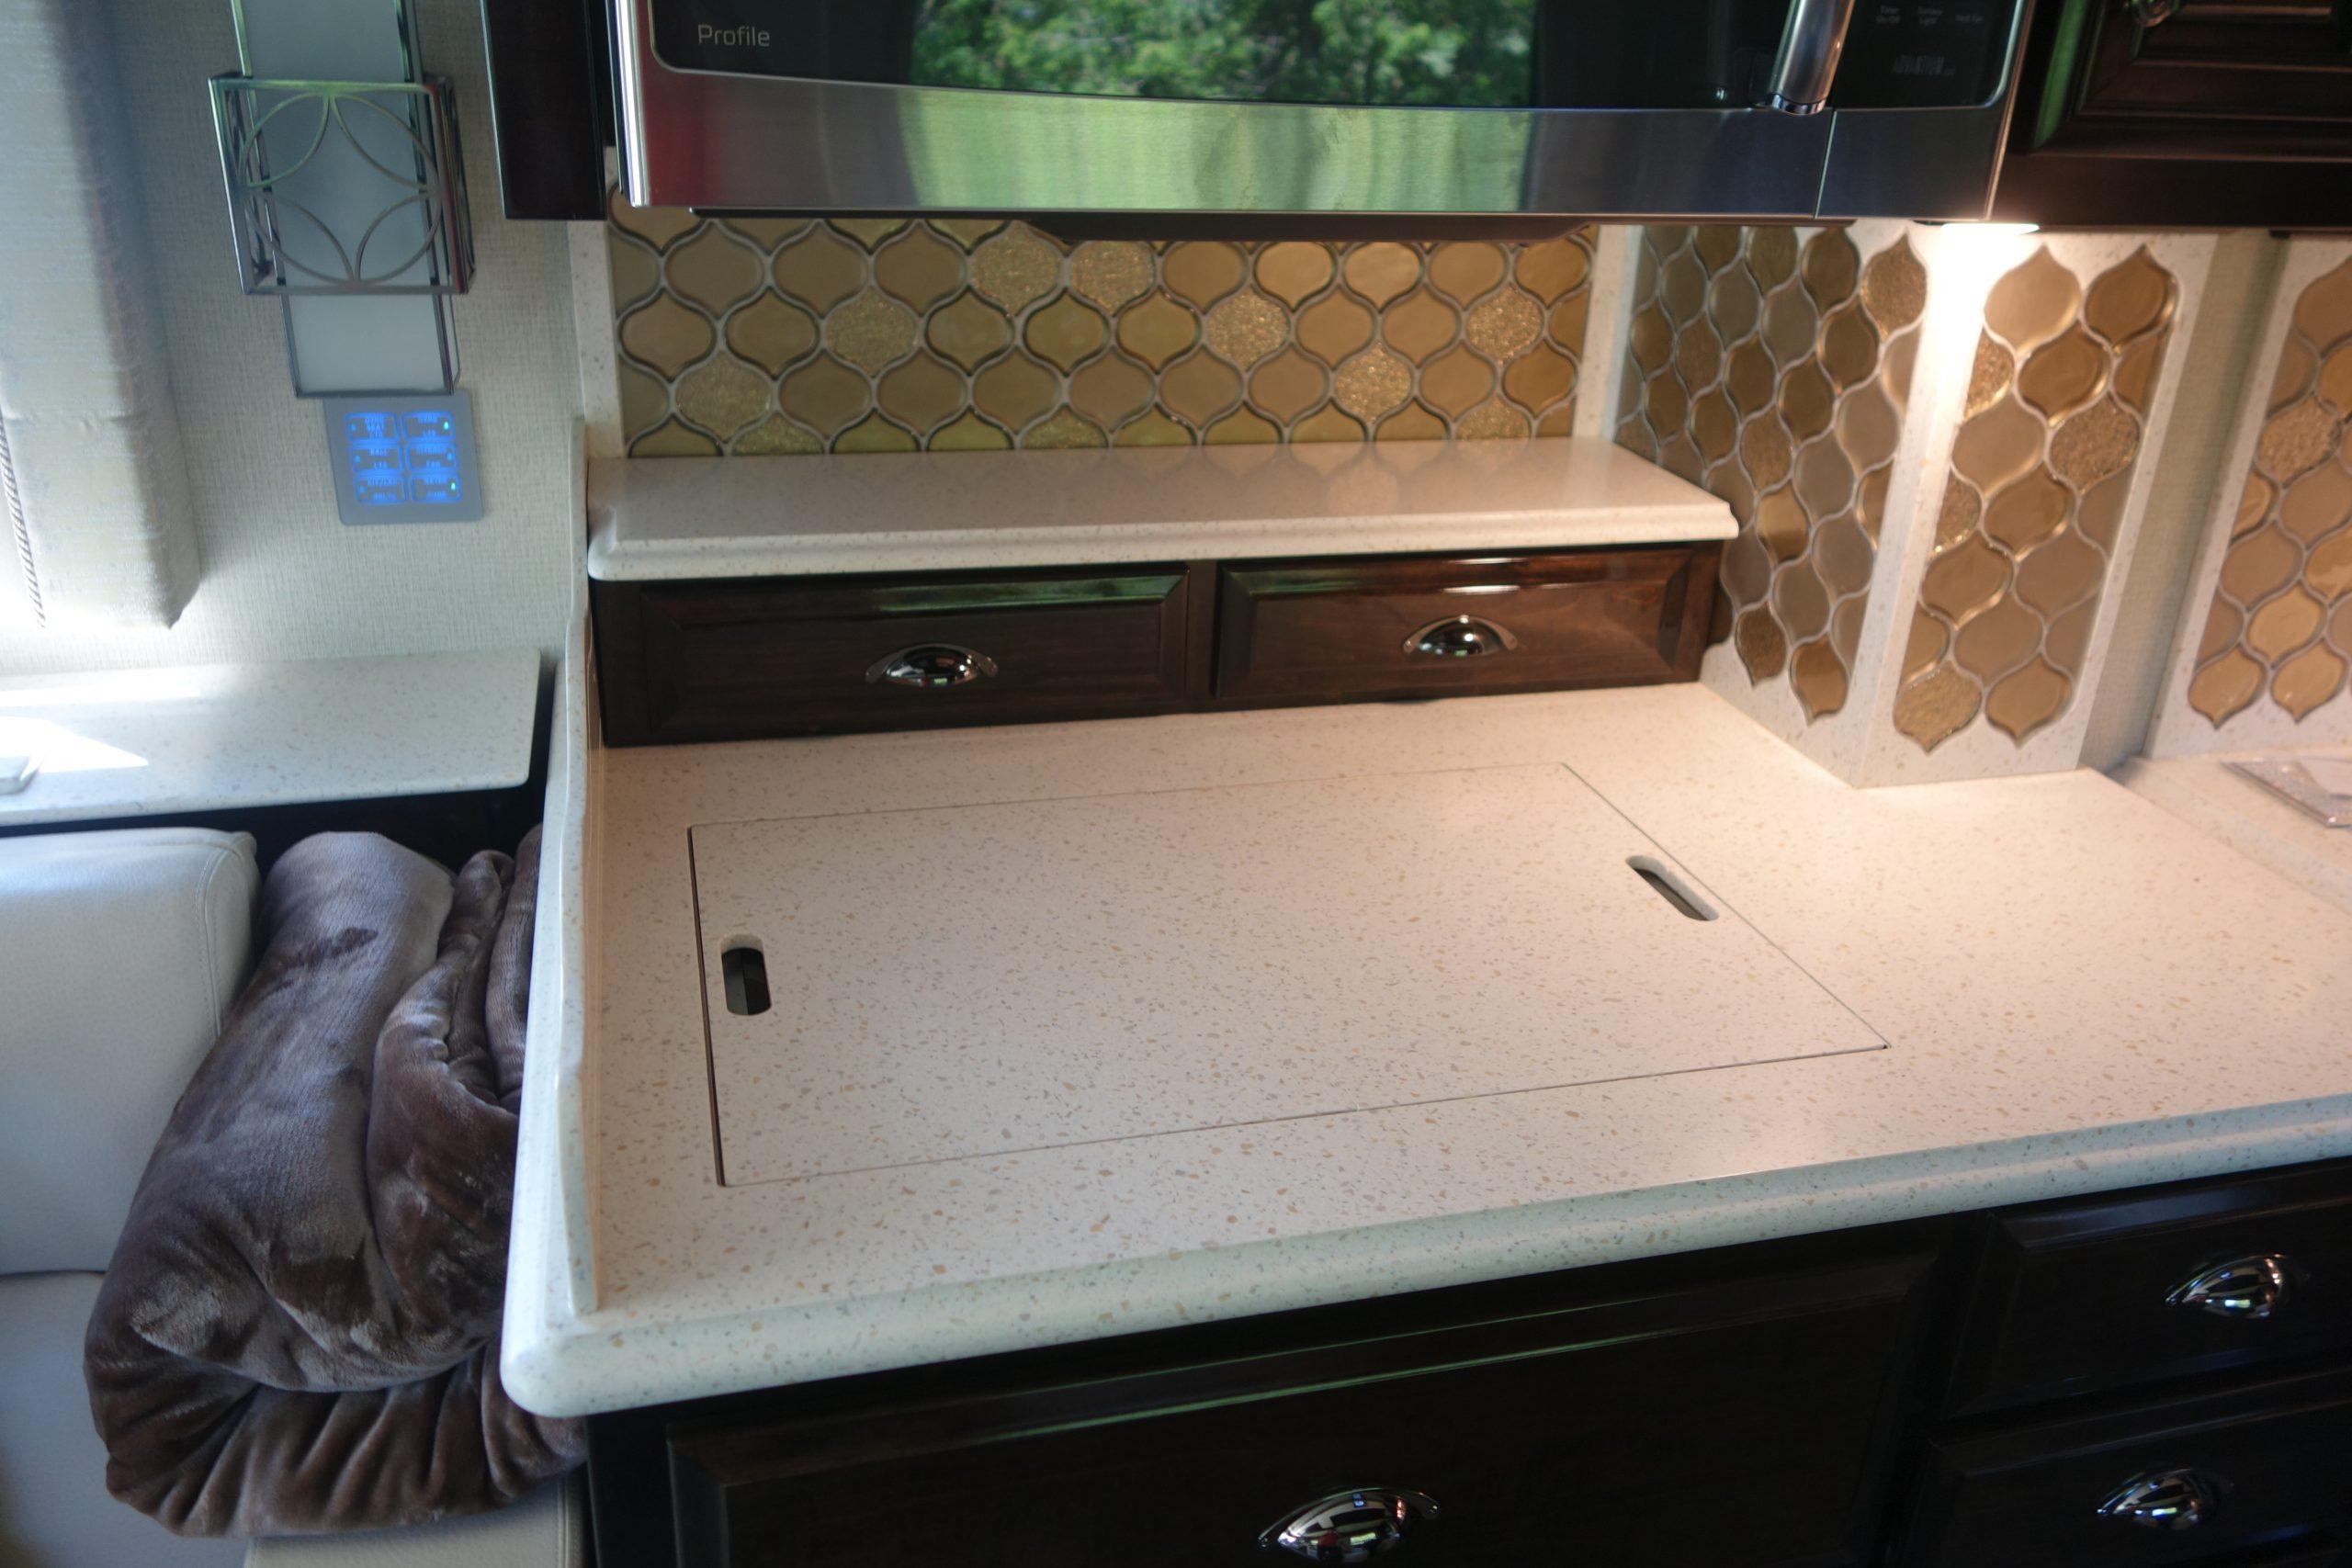 Countertop drawers